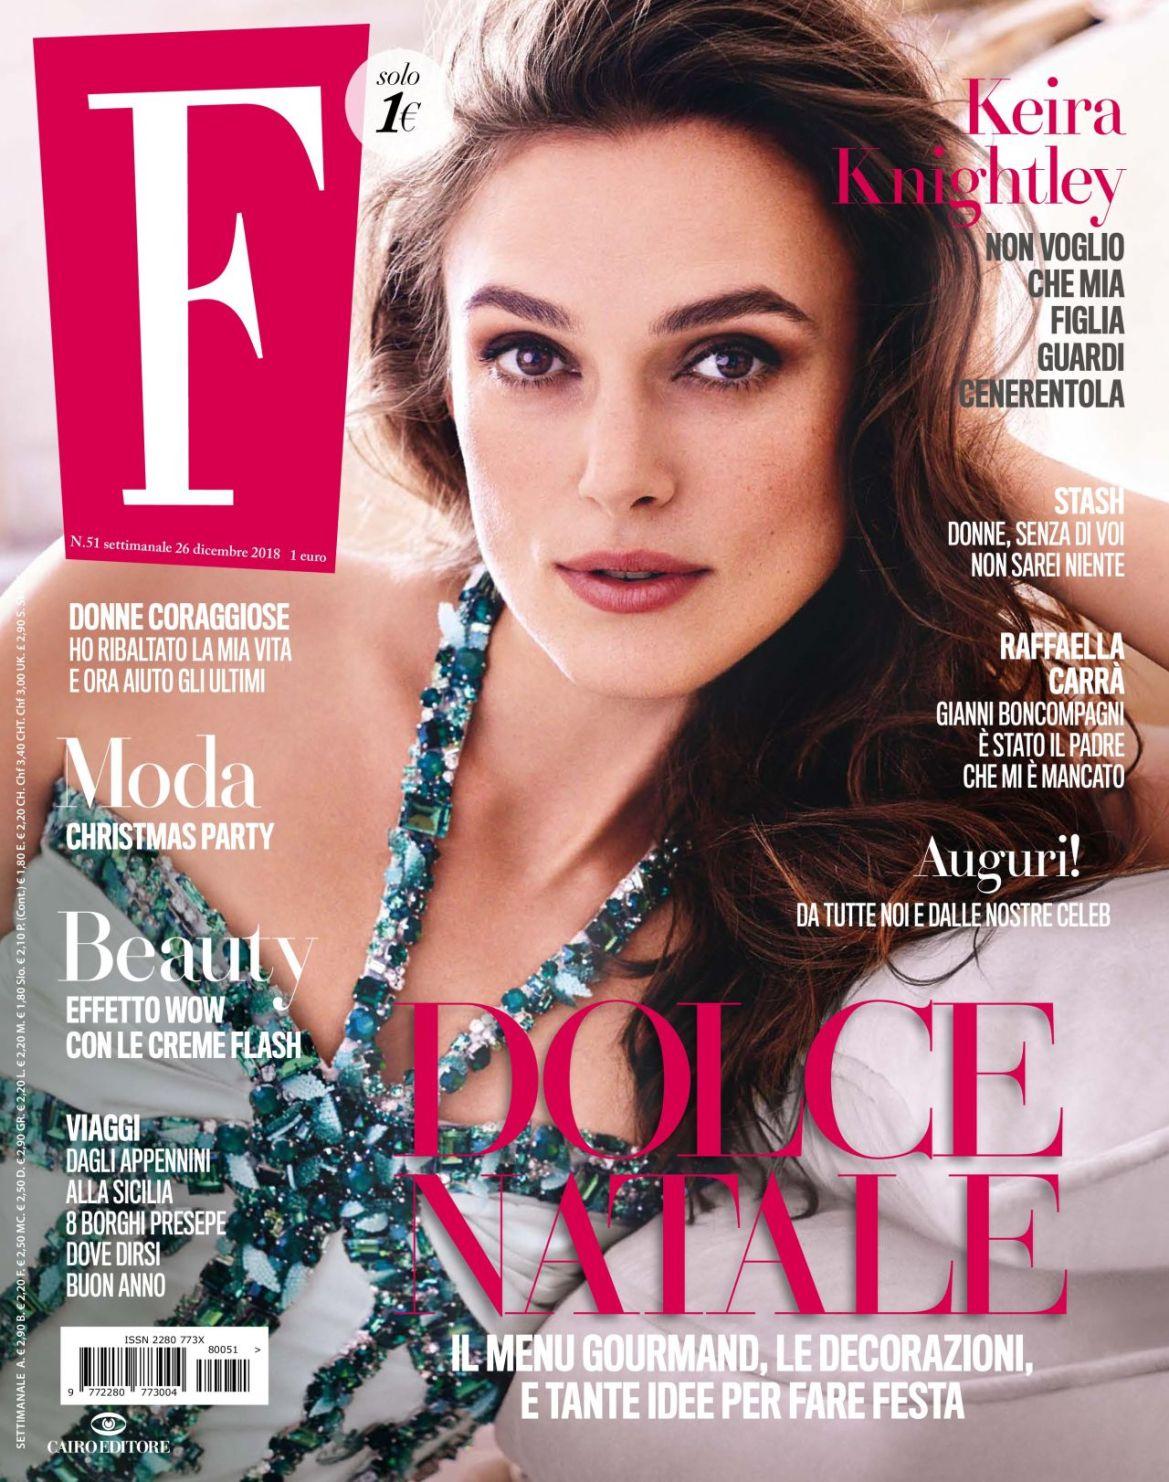 Keira Knightley – F N51 Magazine December 2018 Issue